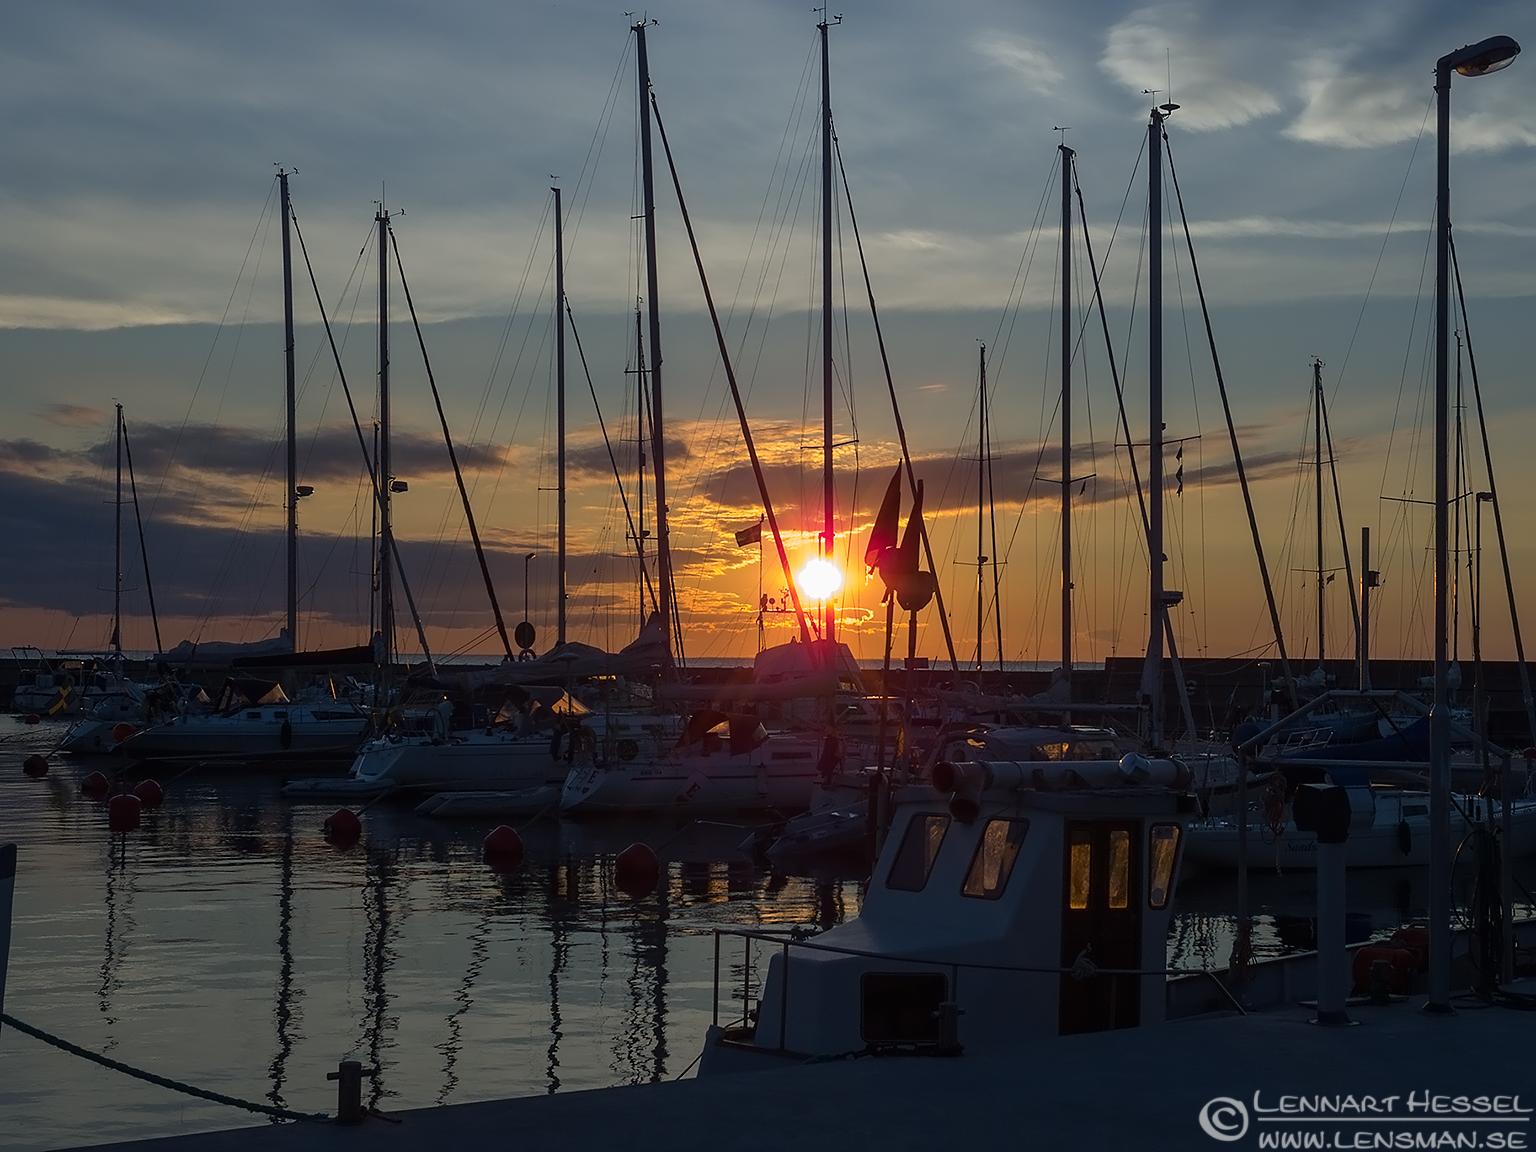 Sunset over Byxelkrok harbour Öland 2012